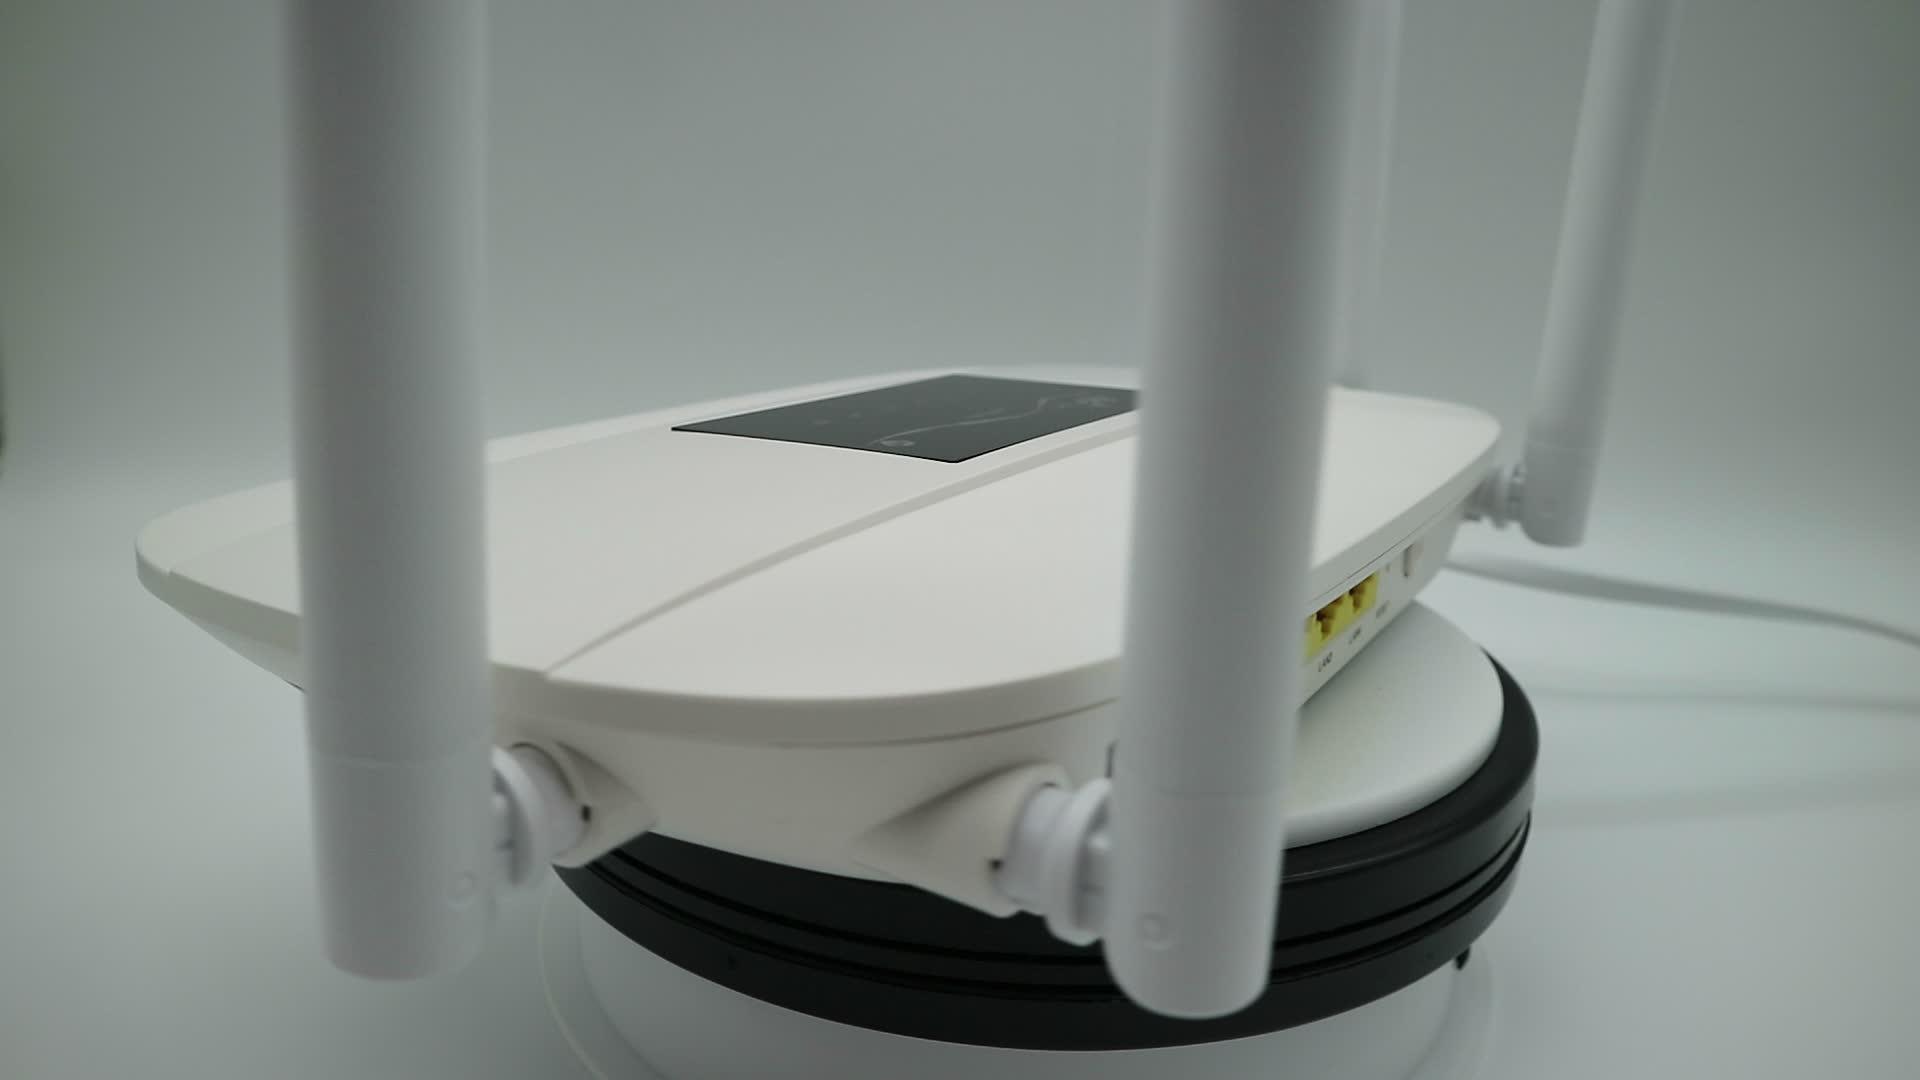 4 グラム lte モデム無線 lan cpe ルータと sim カードスロットと rj45